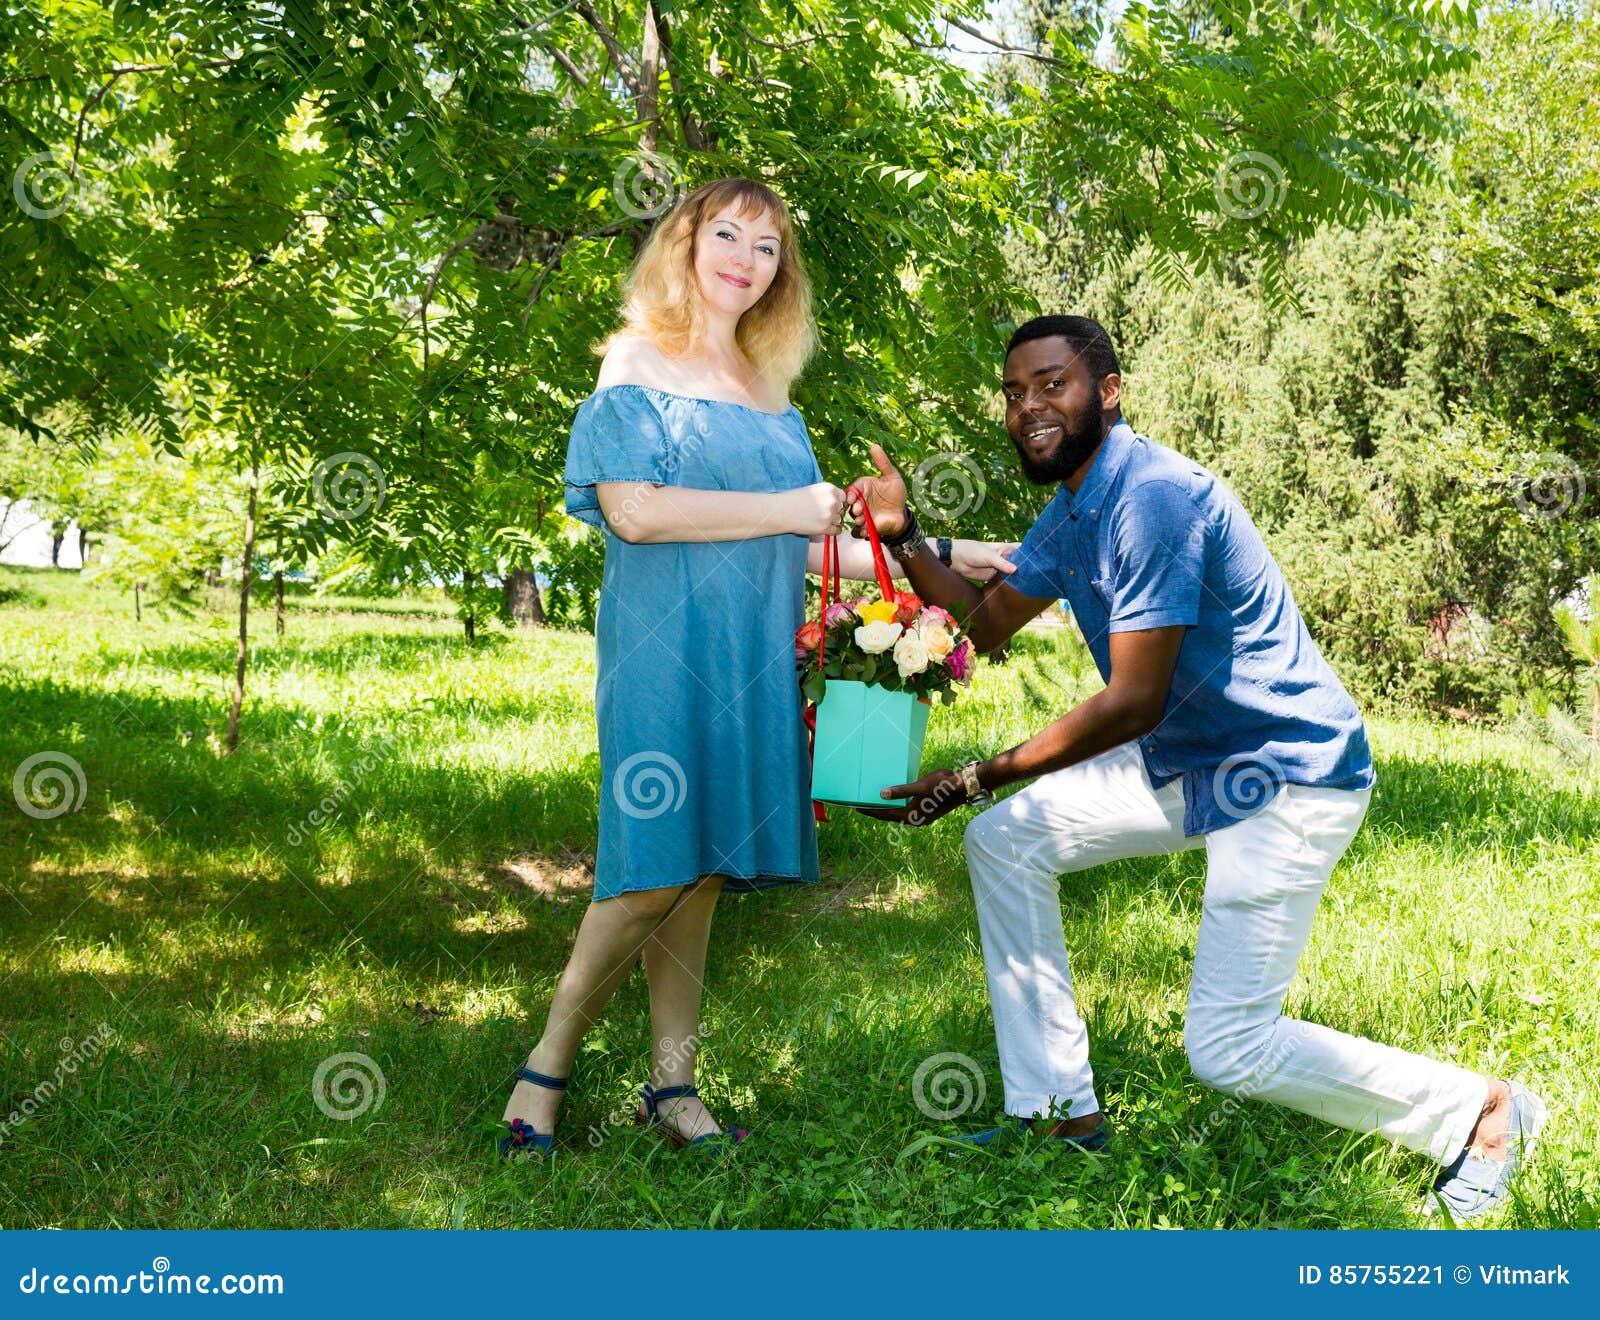 Schwarzes Mädchen aus weißen Kerl Website